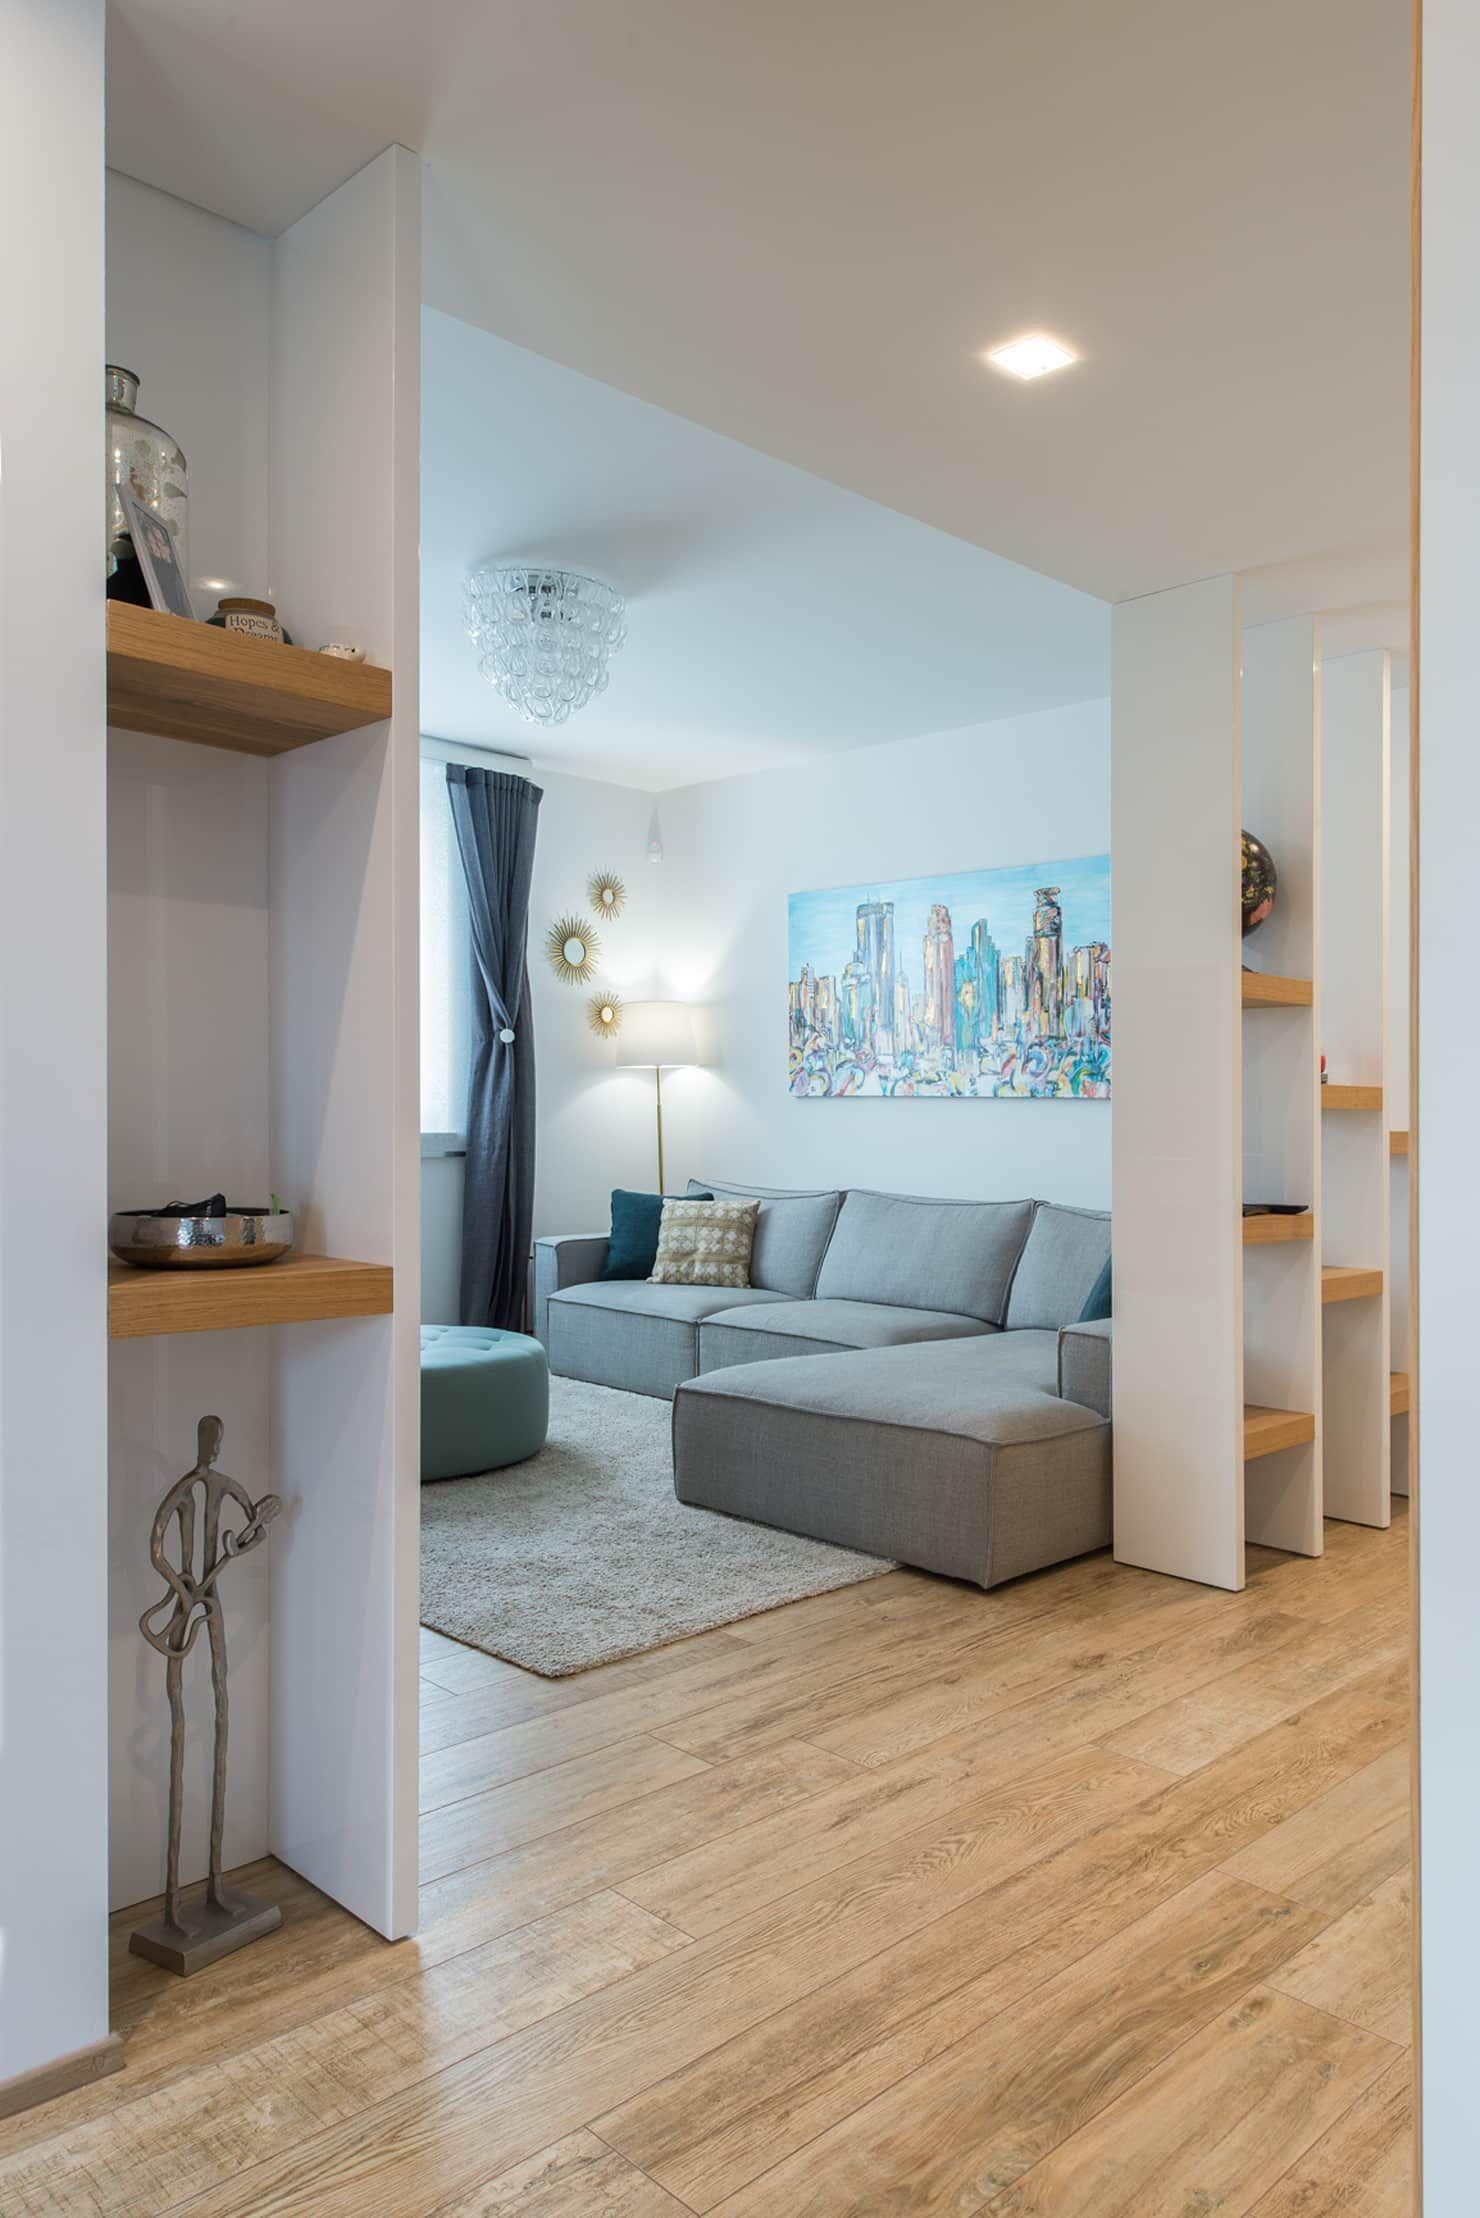 Soggiorno Moderno Con Tavolo In Legno.Un Appartamento Moderno Con Un Giusto Mix Di Materiali Di Recupero